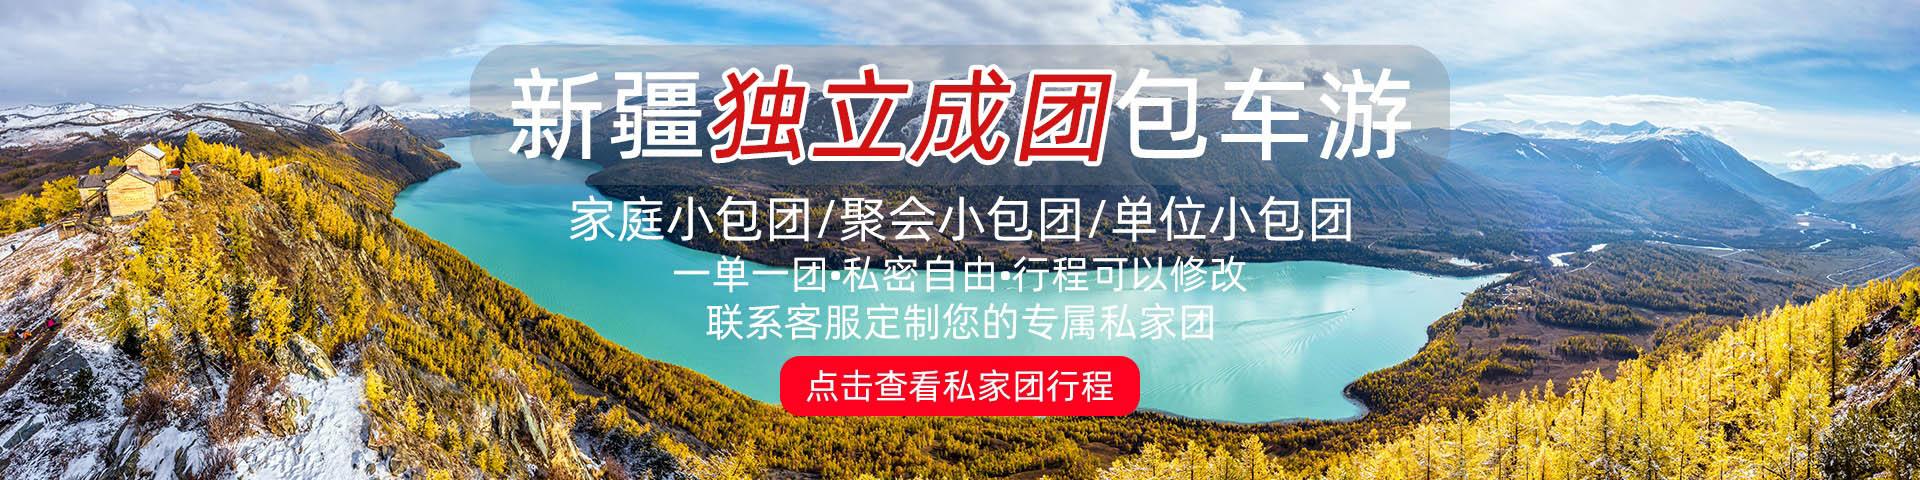 新疆独立私家团